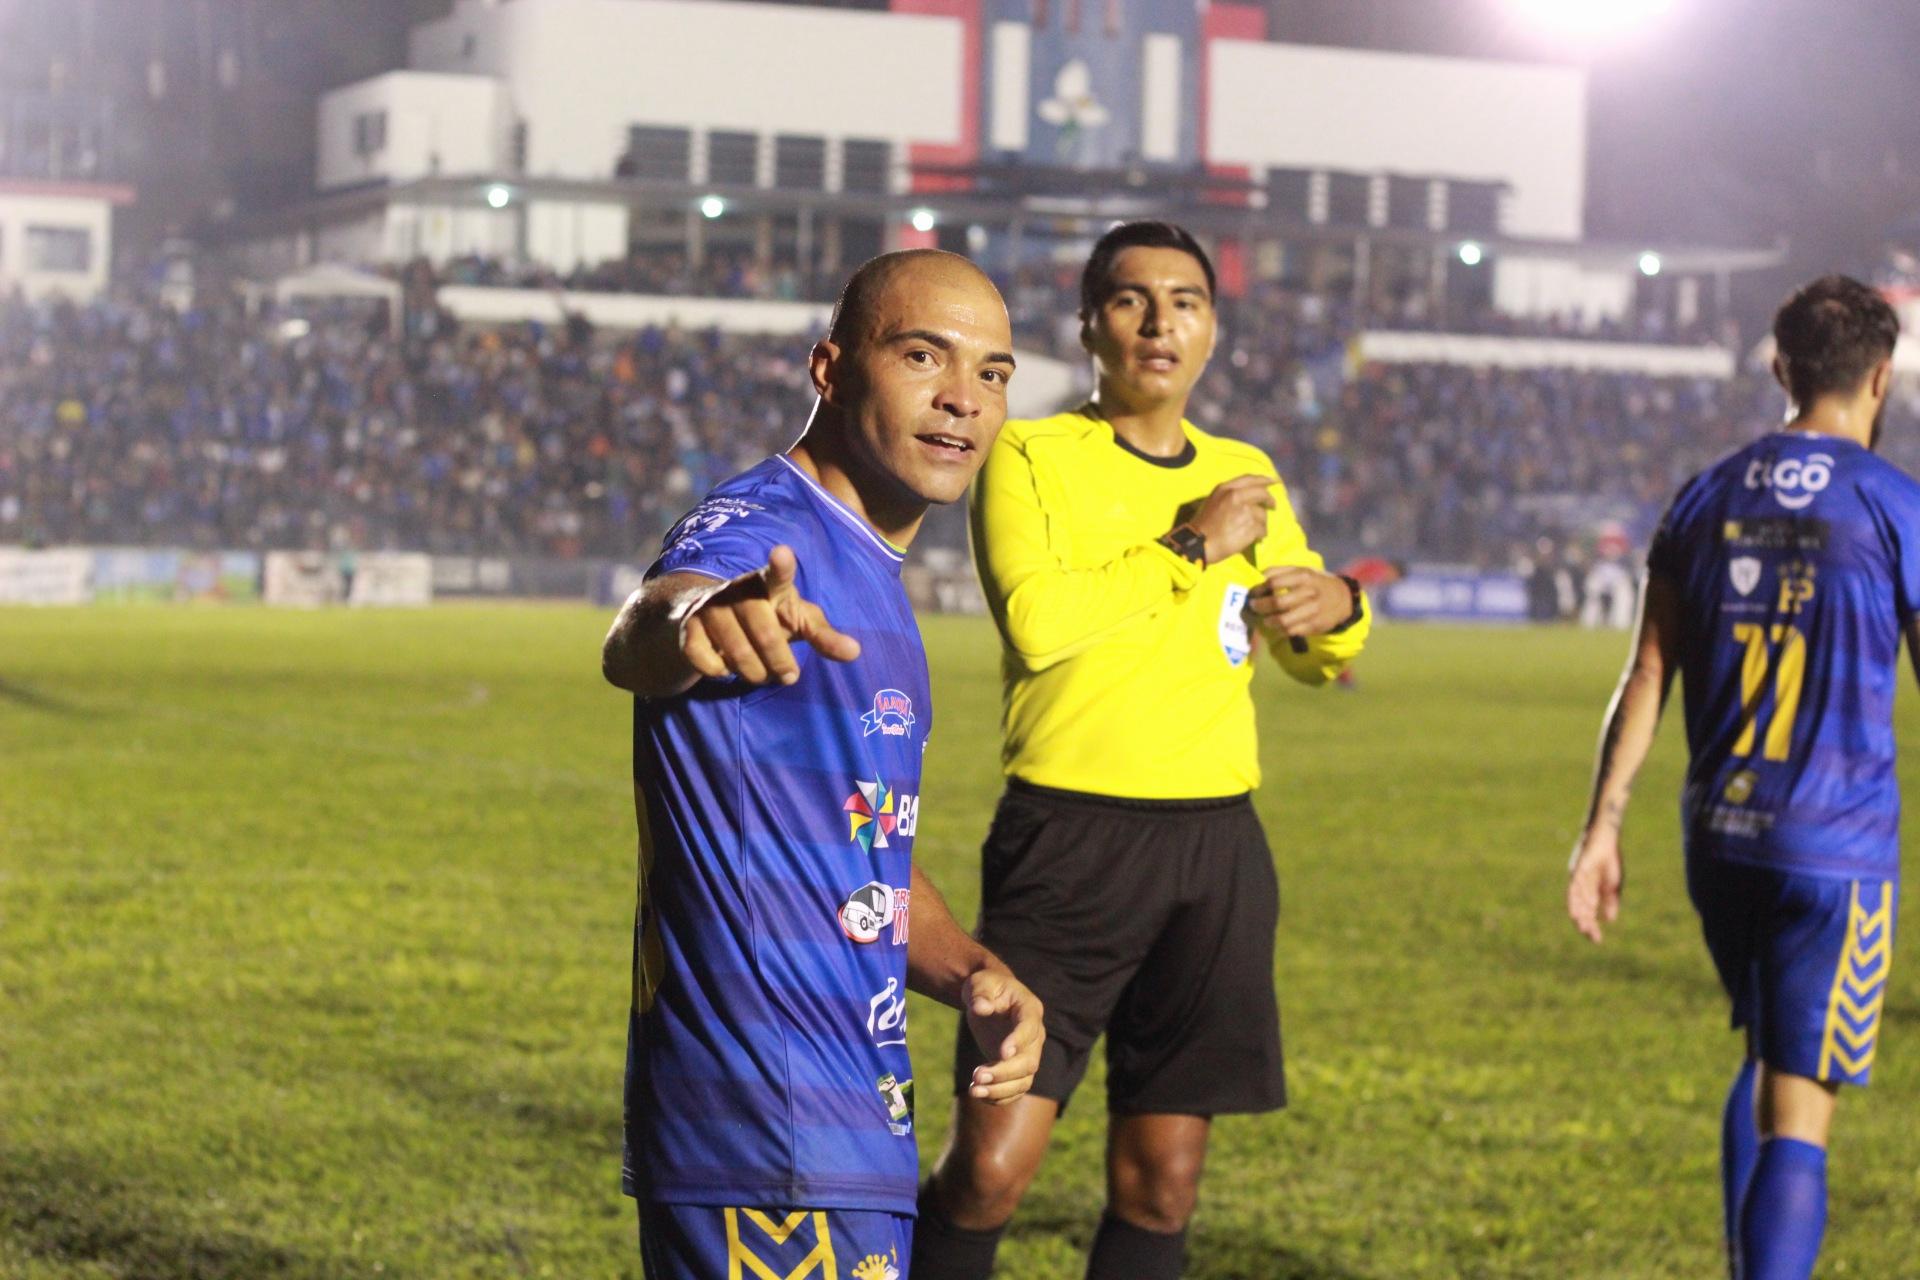 Janderson Pereira sentenció el partido contra los rojos. (Foto Prensa Libre: Eduardo Sam)